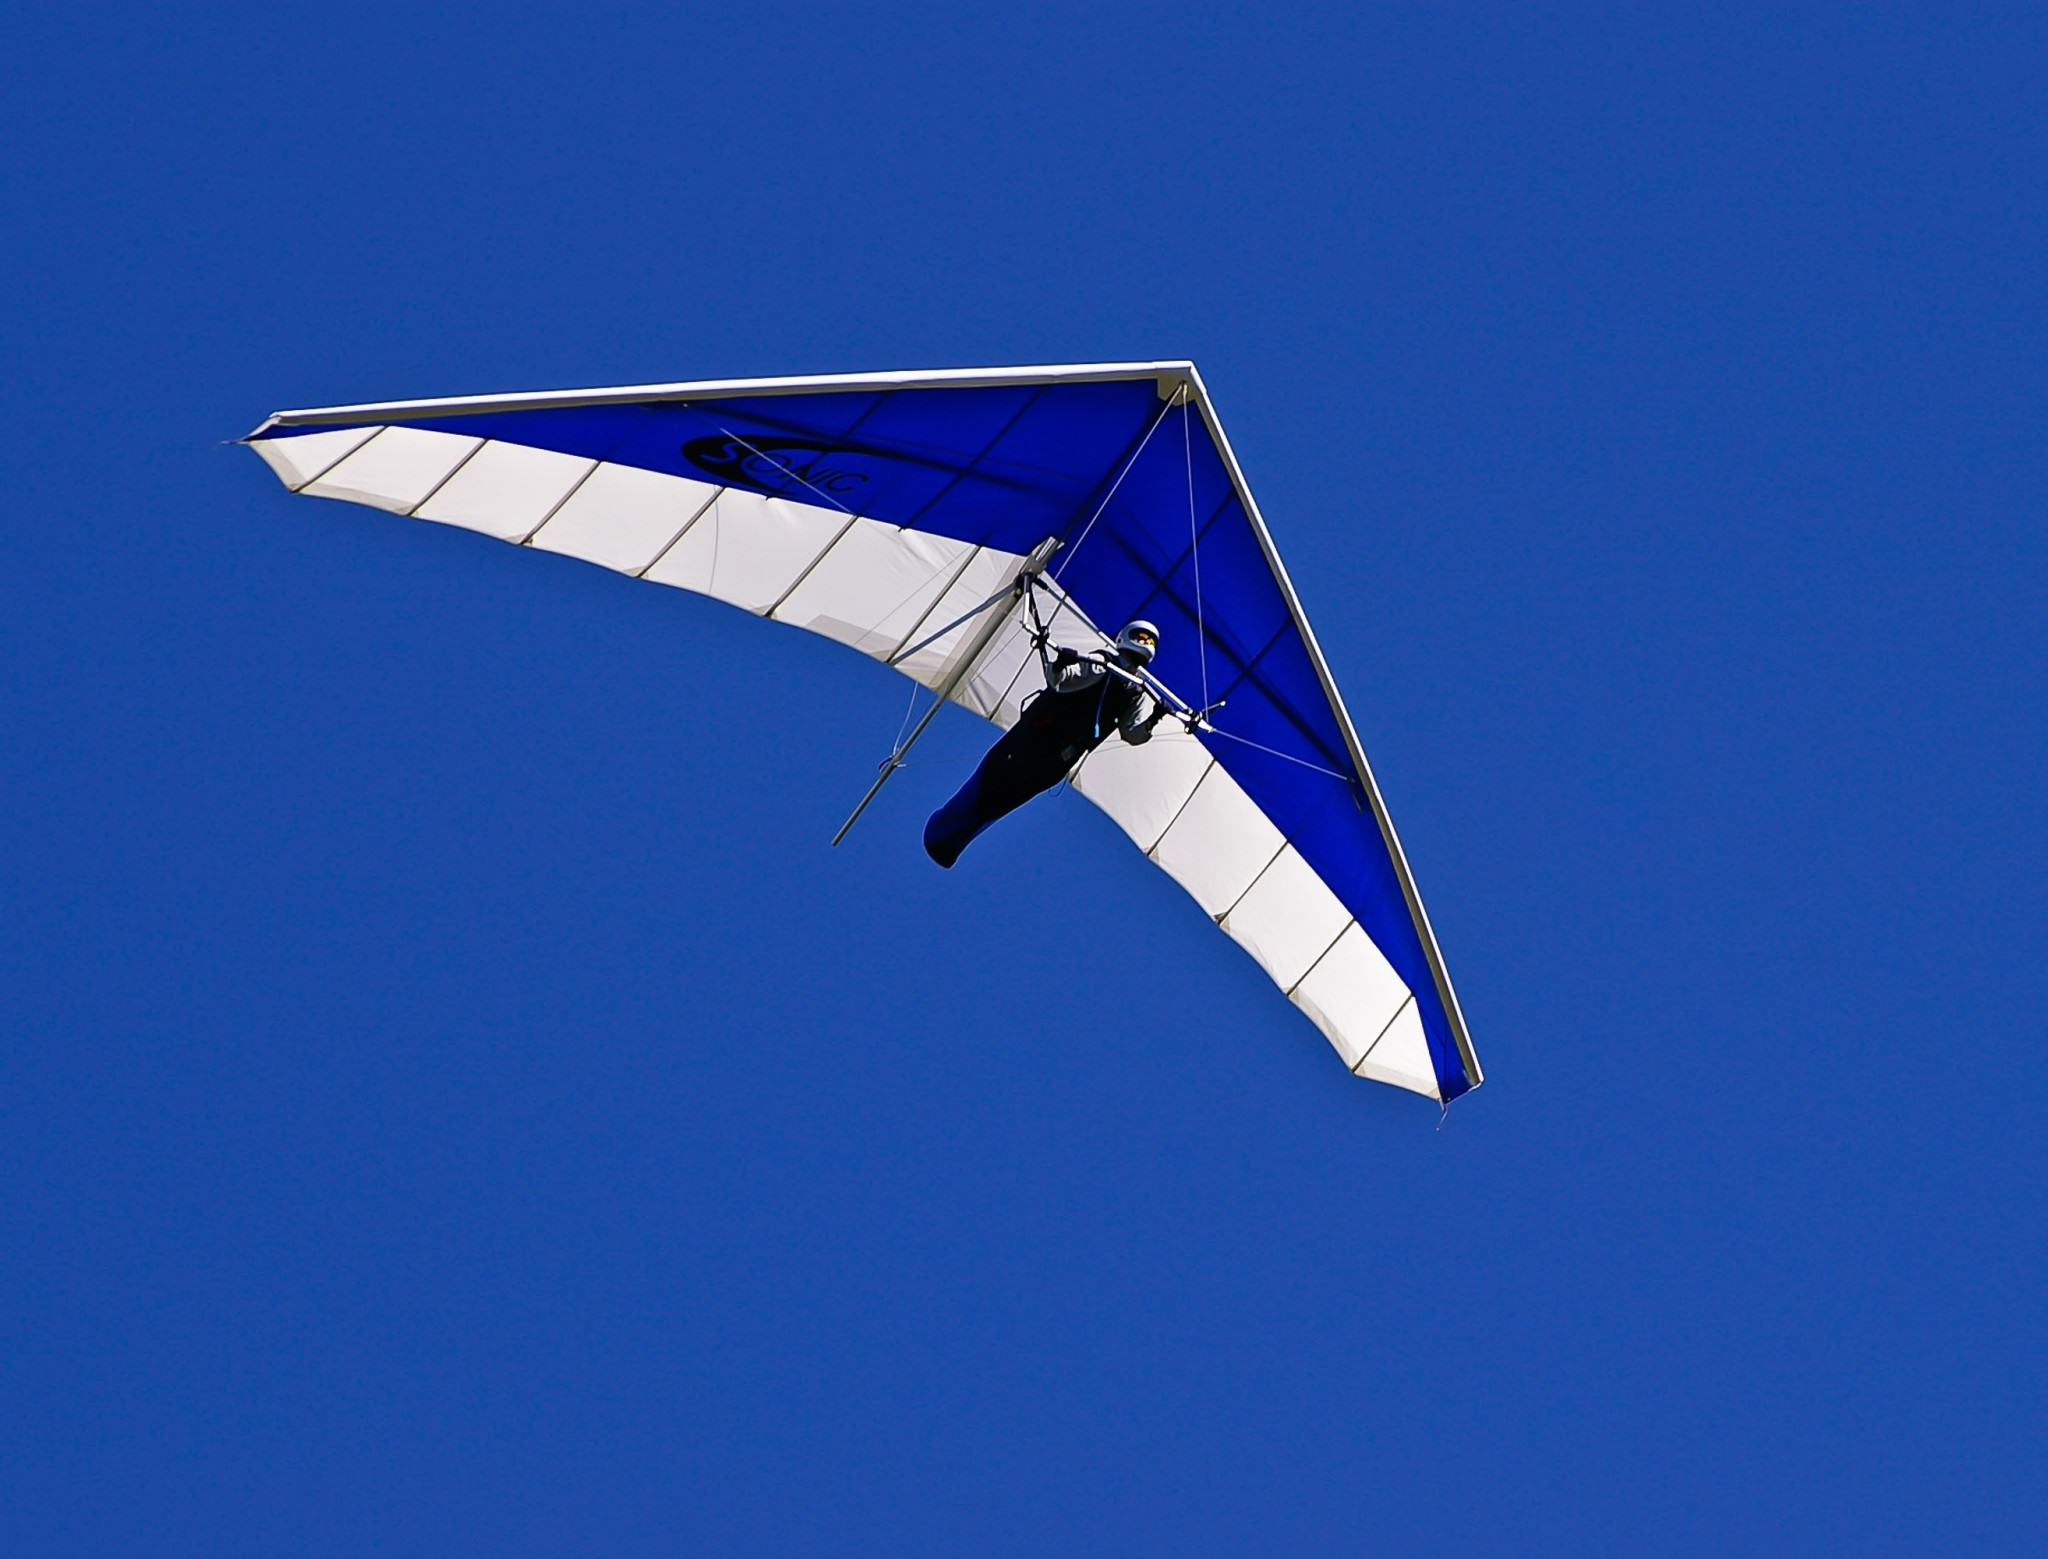 glider-420720